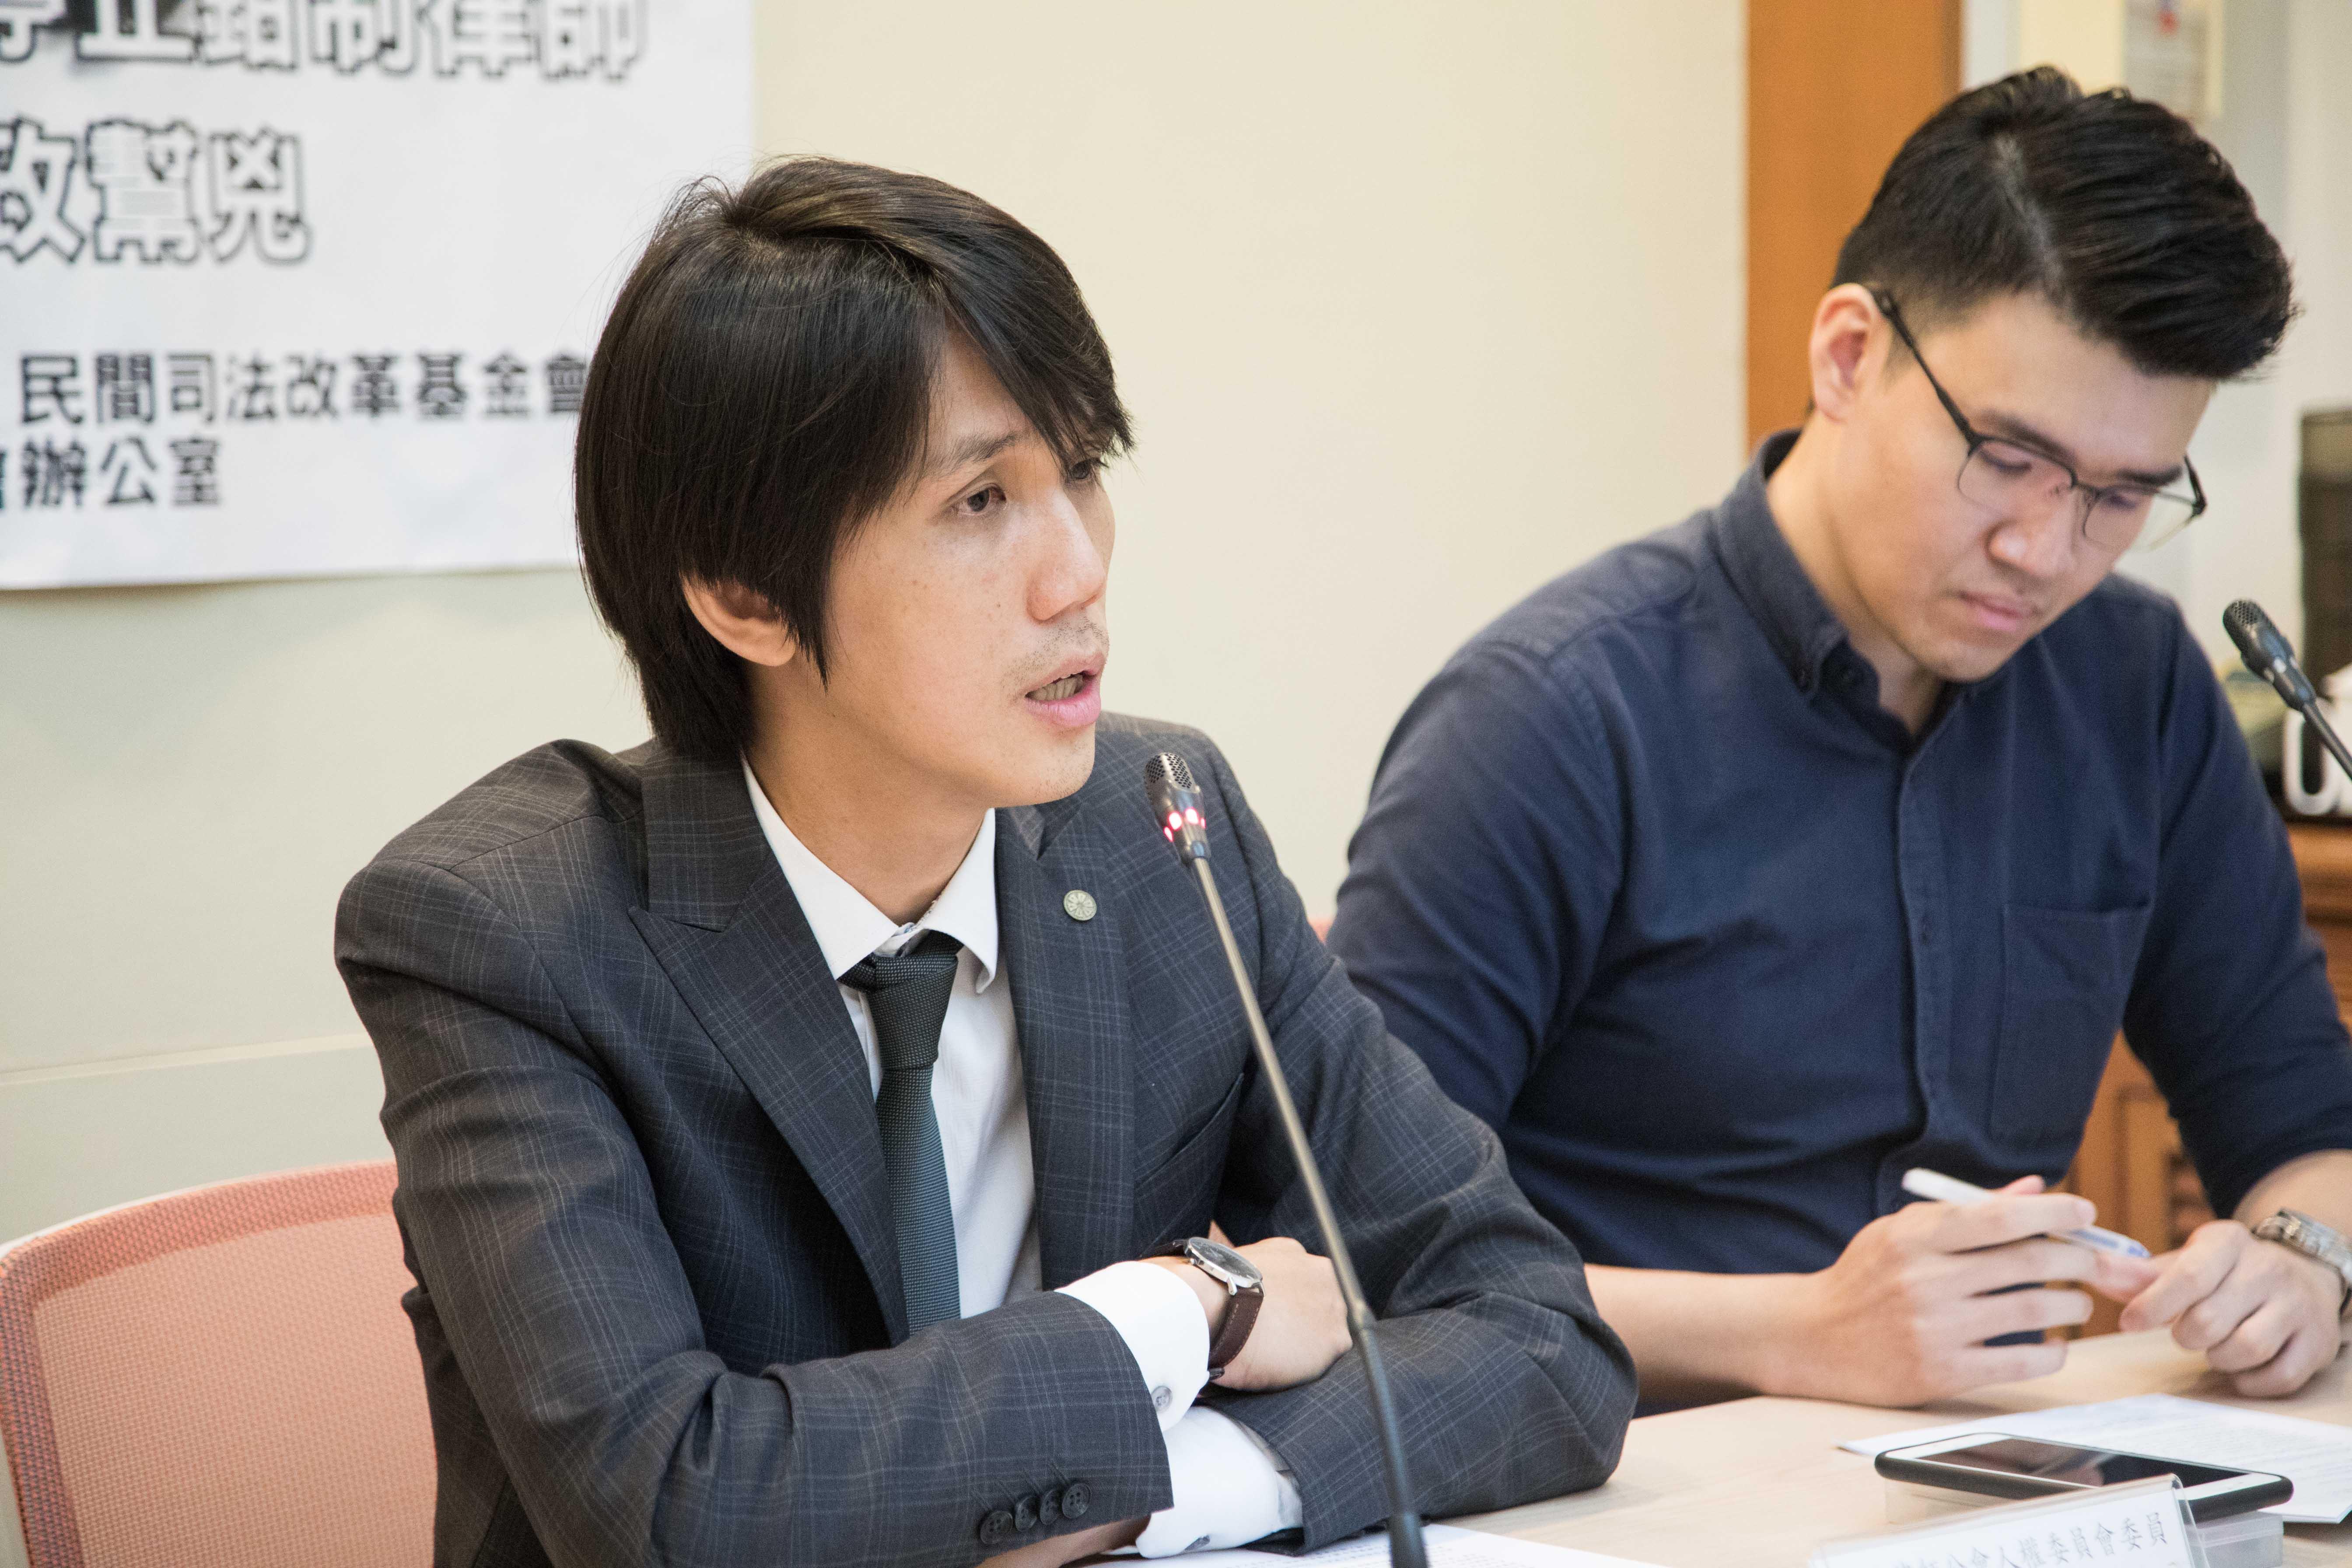 中國709大抓捕三週年 台灣民團:我們應持續反抗、聲援 | 公民行動影音紀錄資料庫